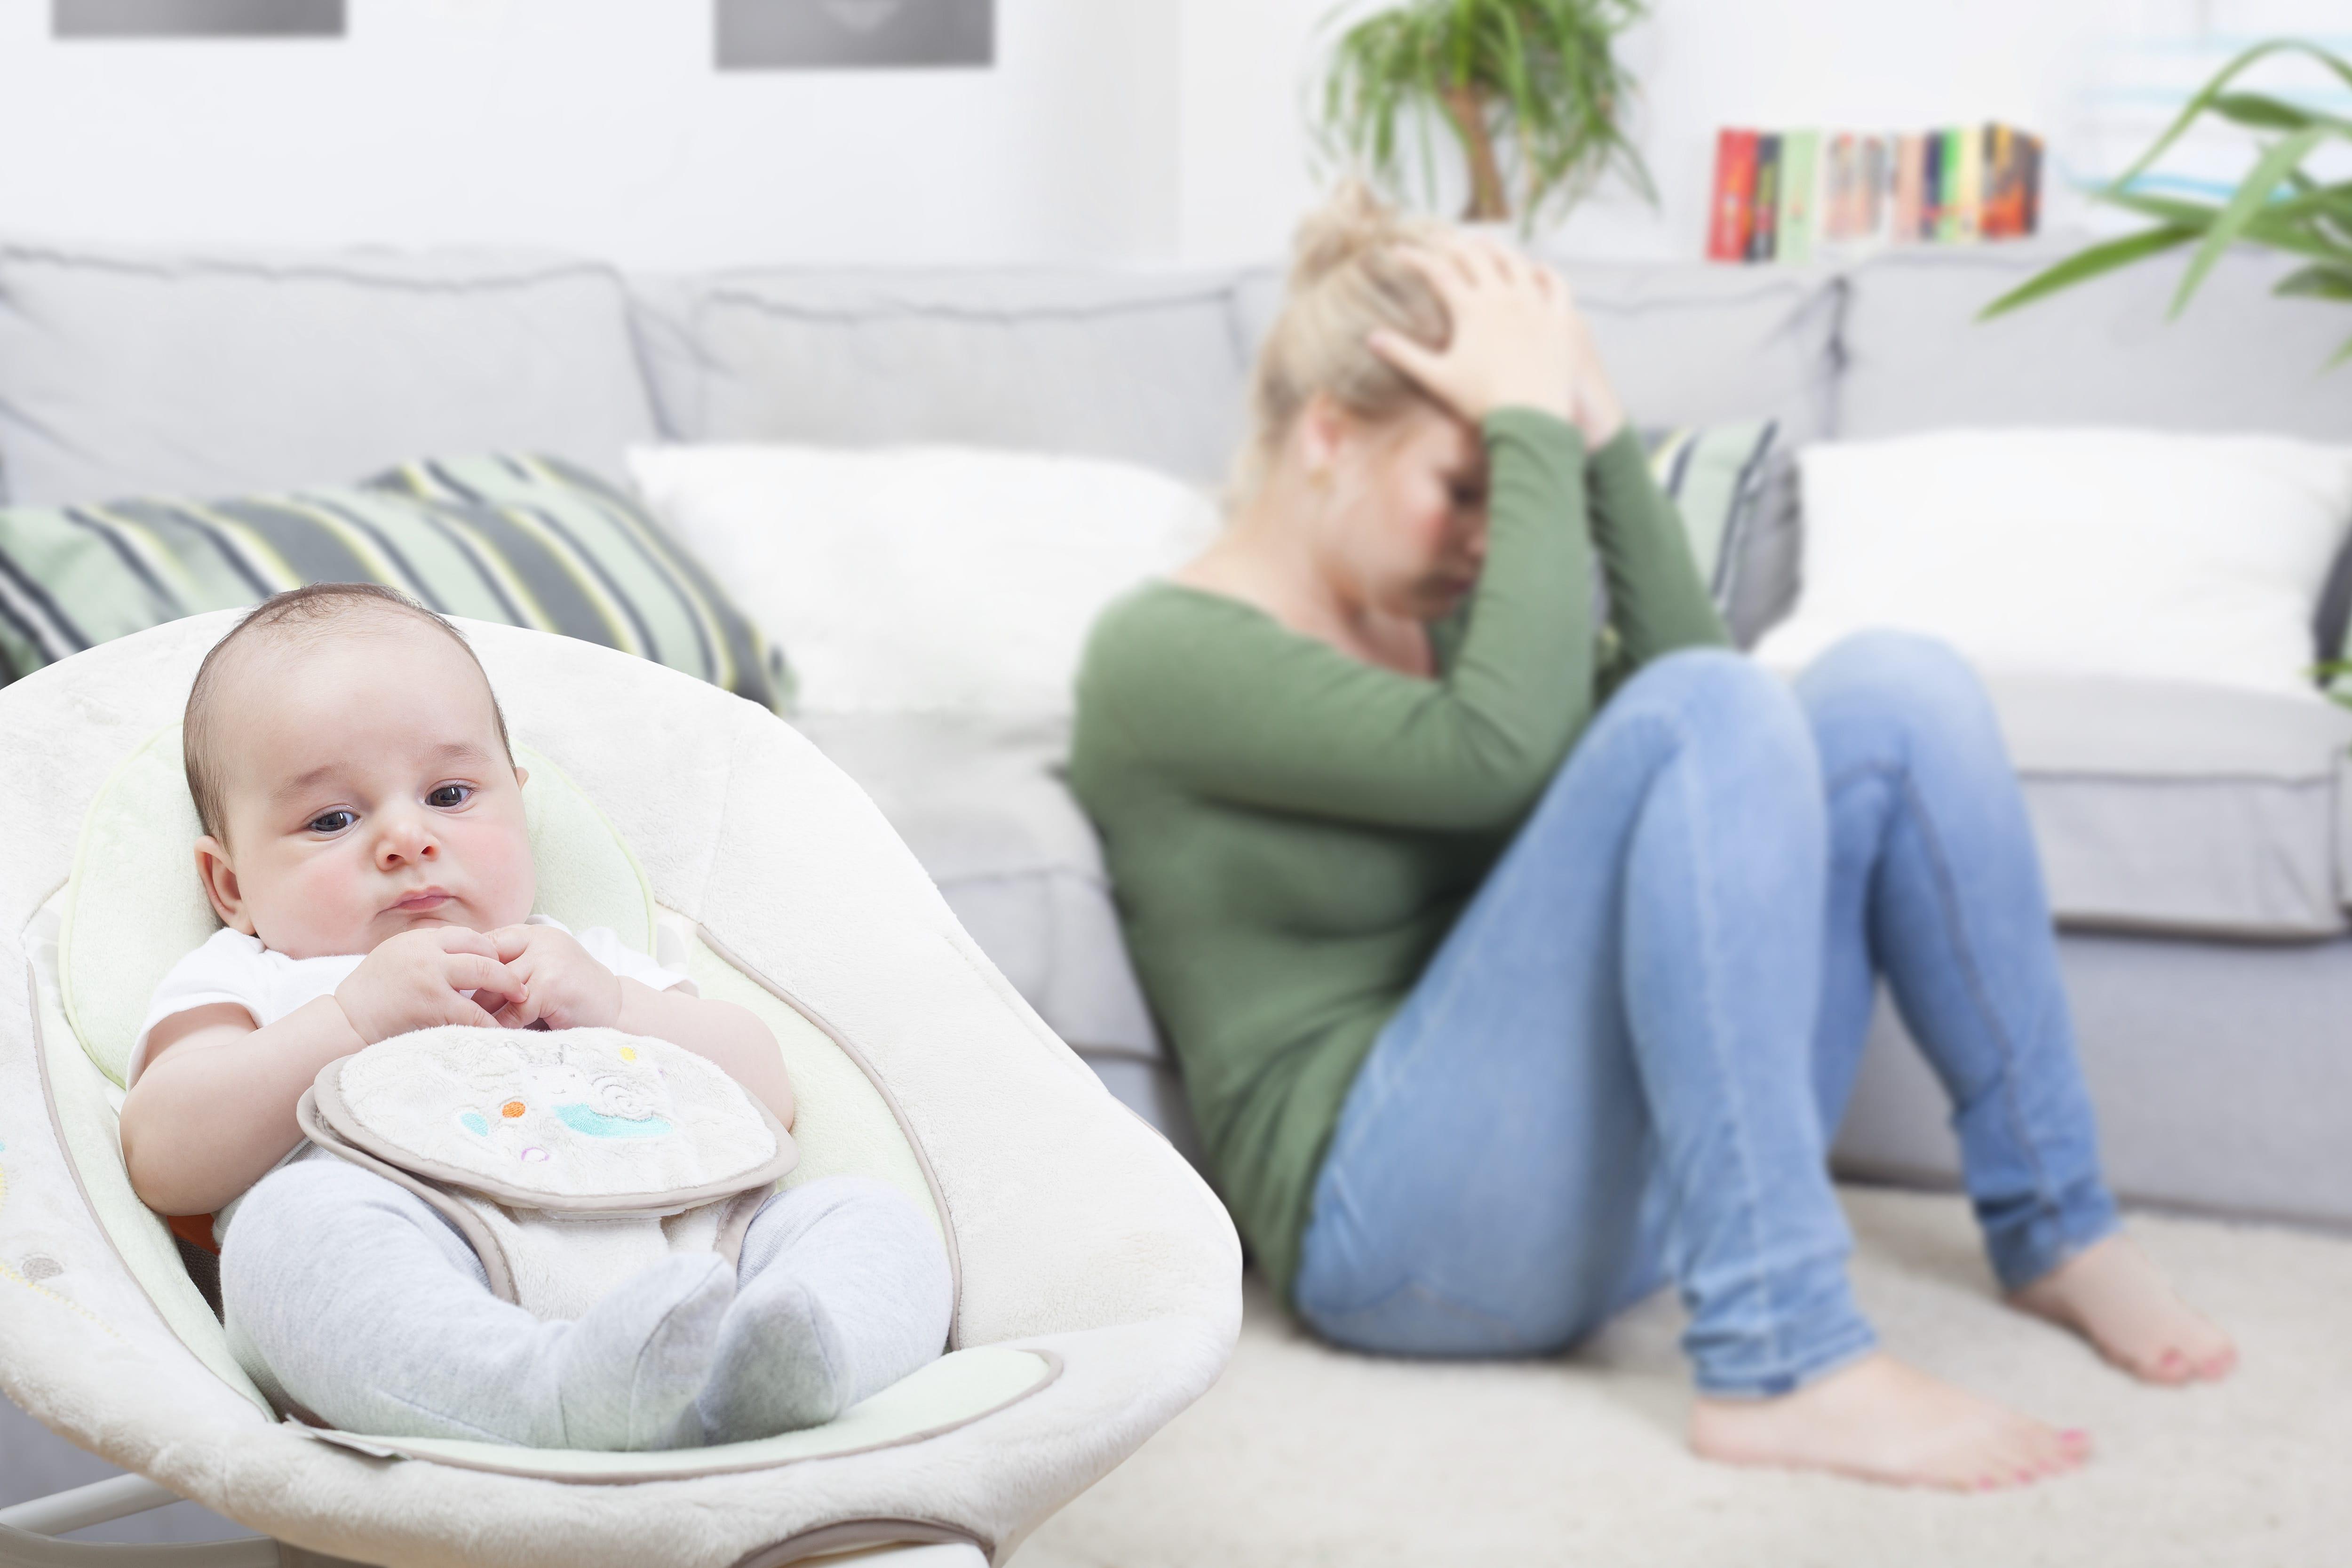 赤ちゃんの横で頭を抱える母親